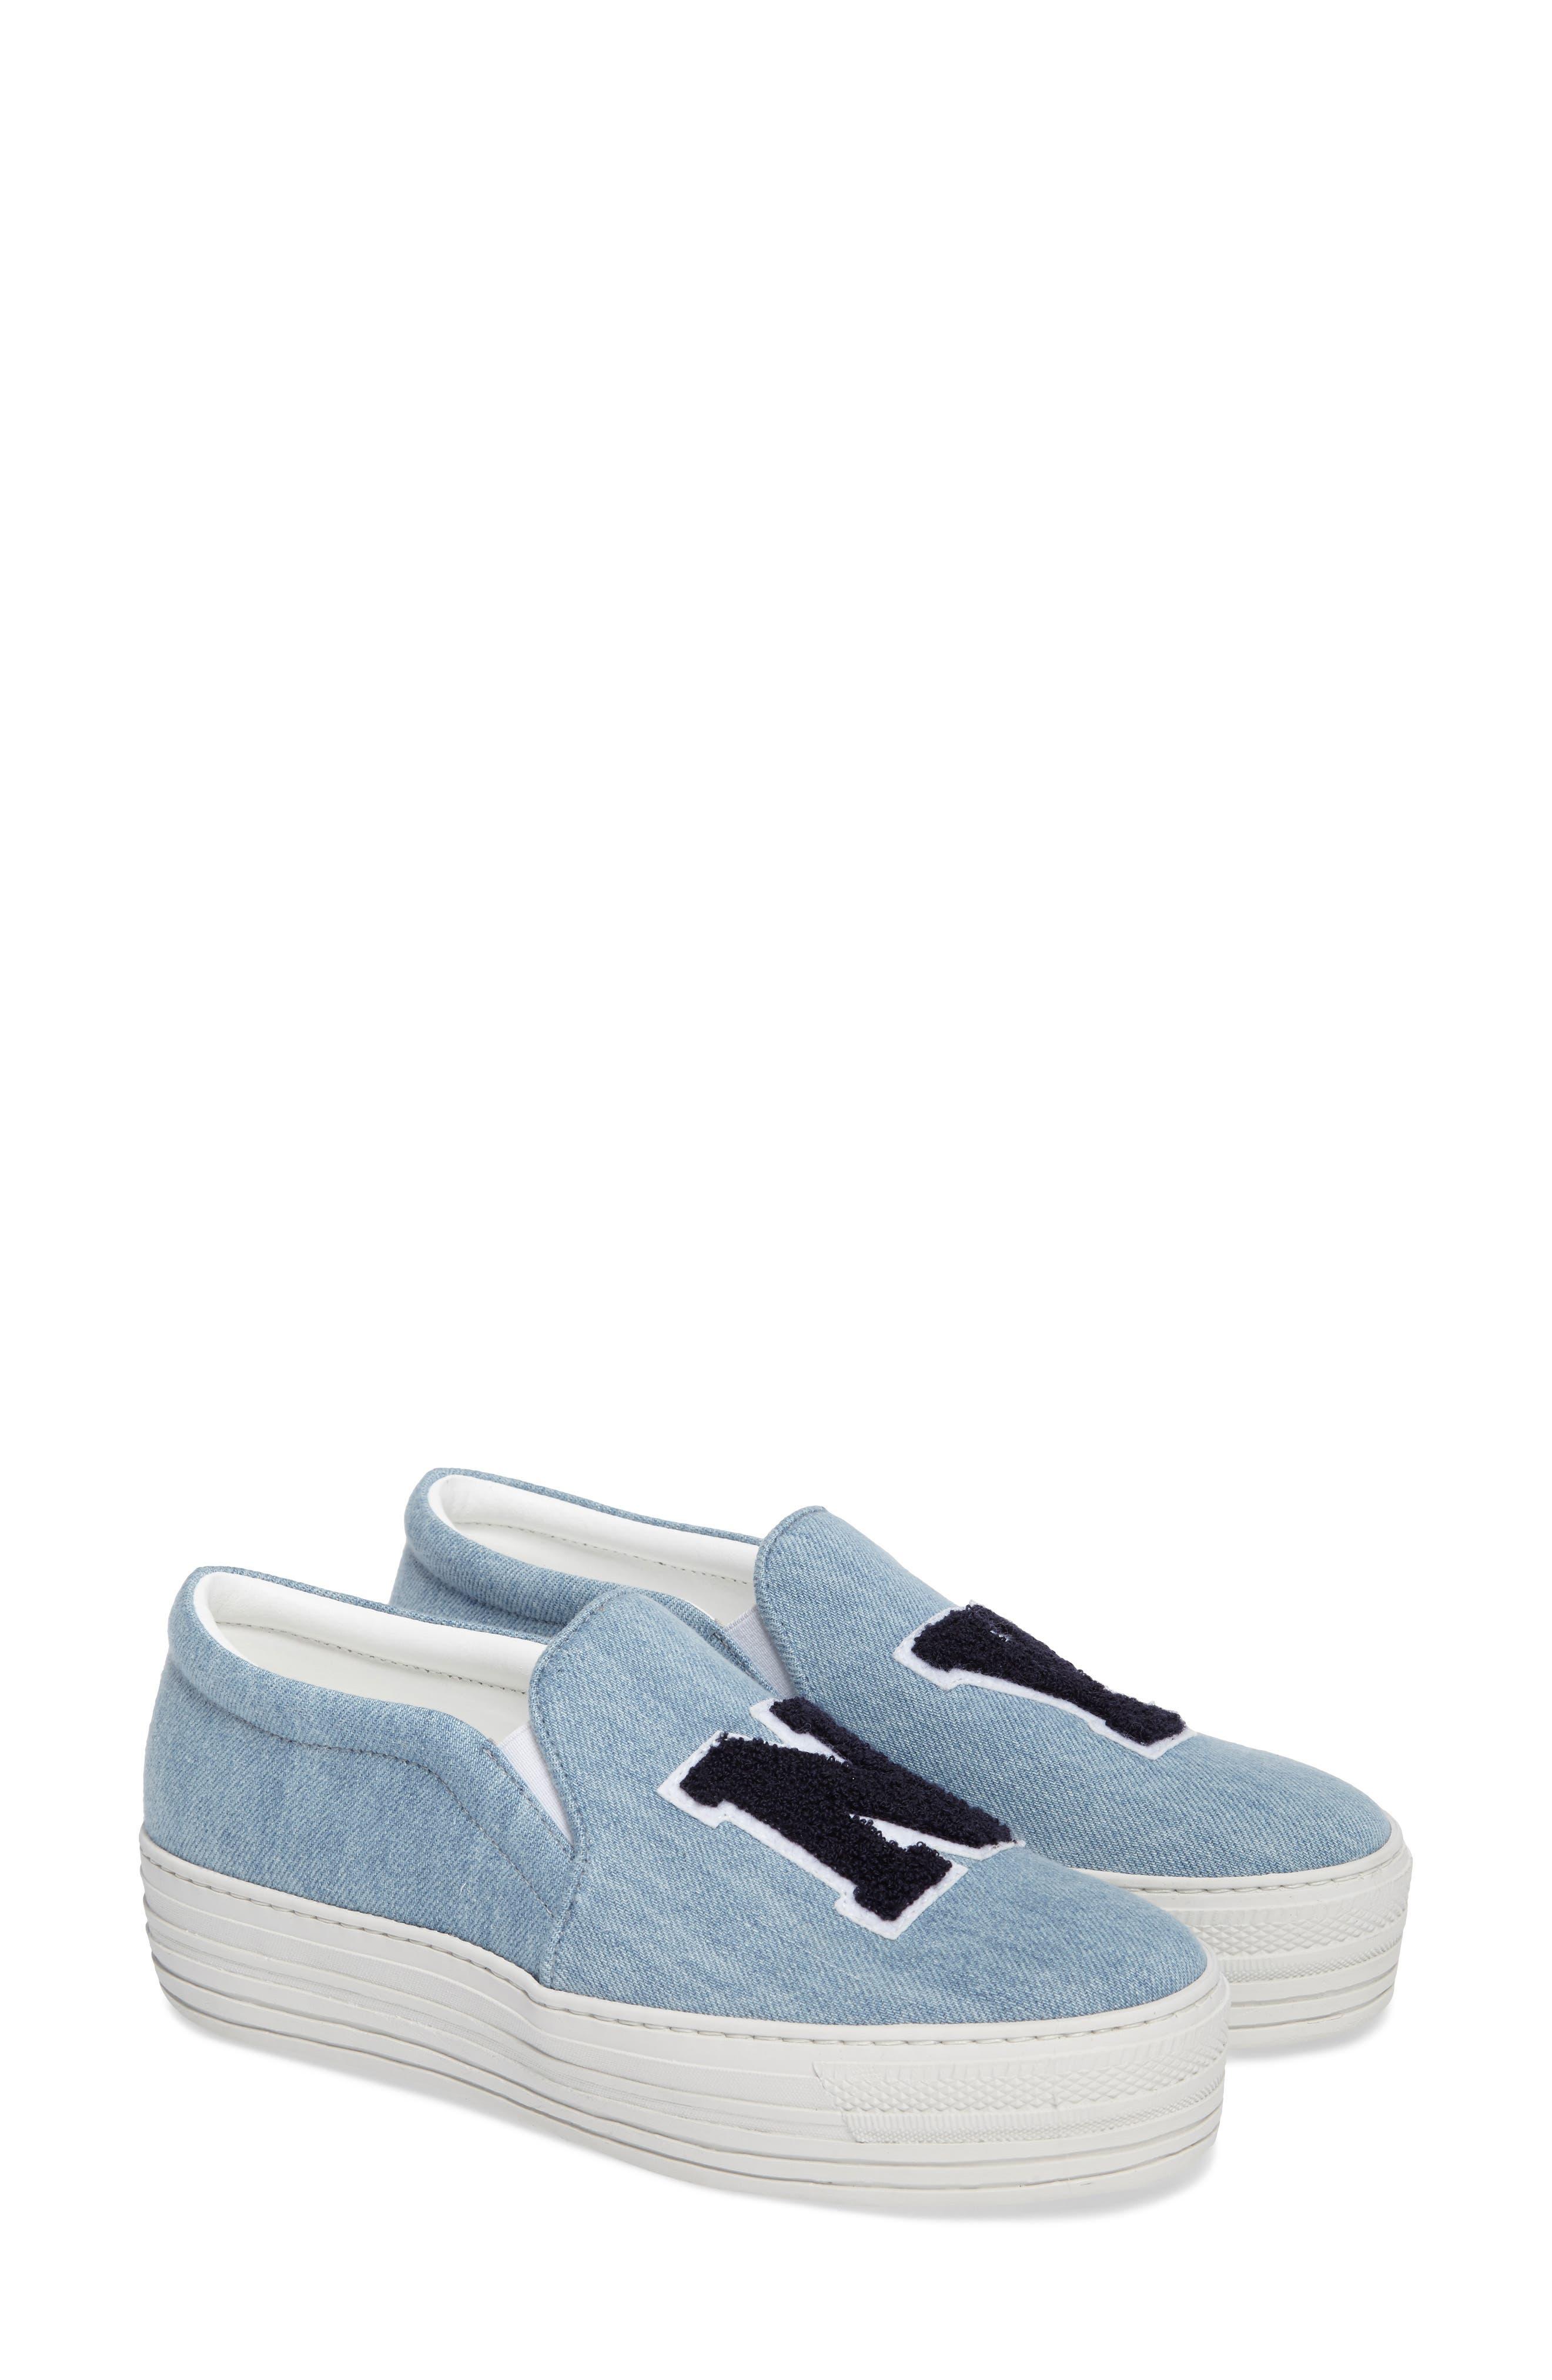 Slip-On Sneaker,                             Alternate thumbnail 2, color,                             Light Denim